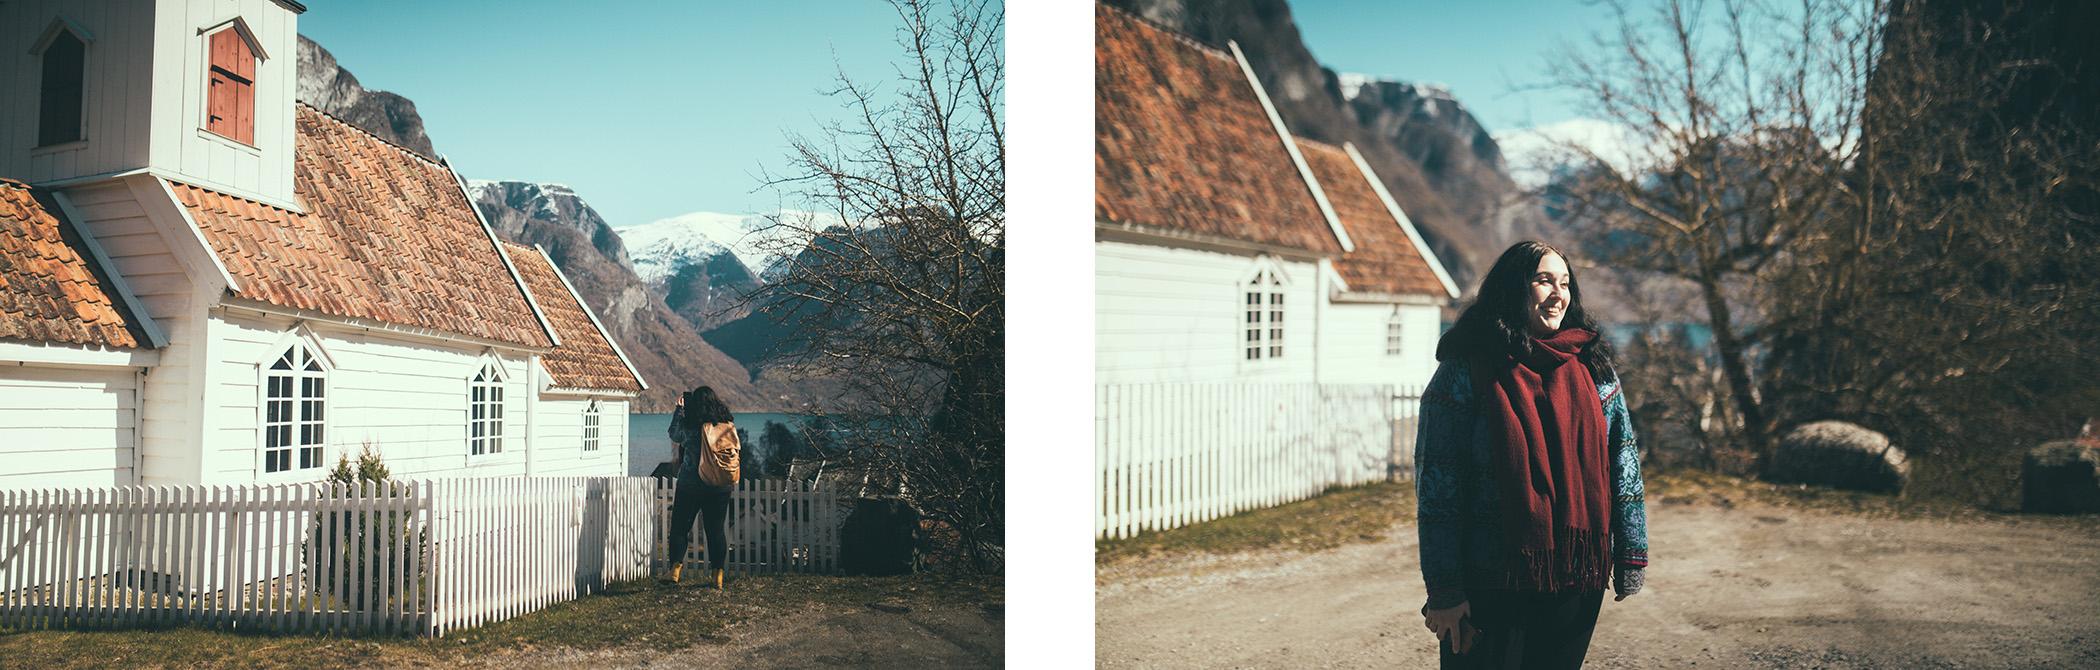 Undredal, stavkirke, Norwegia